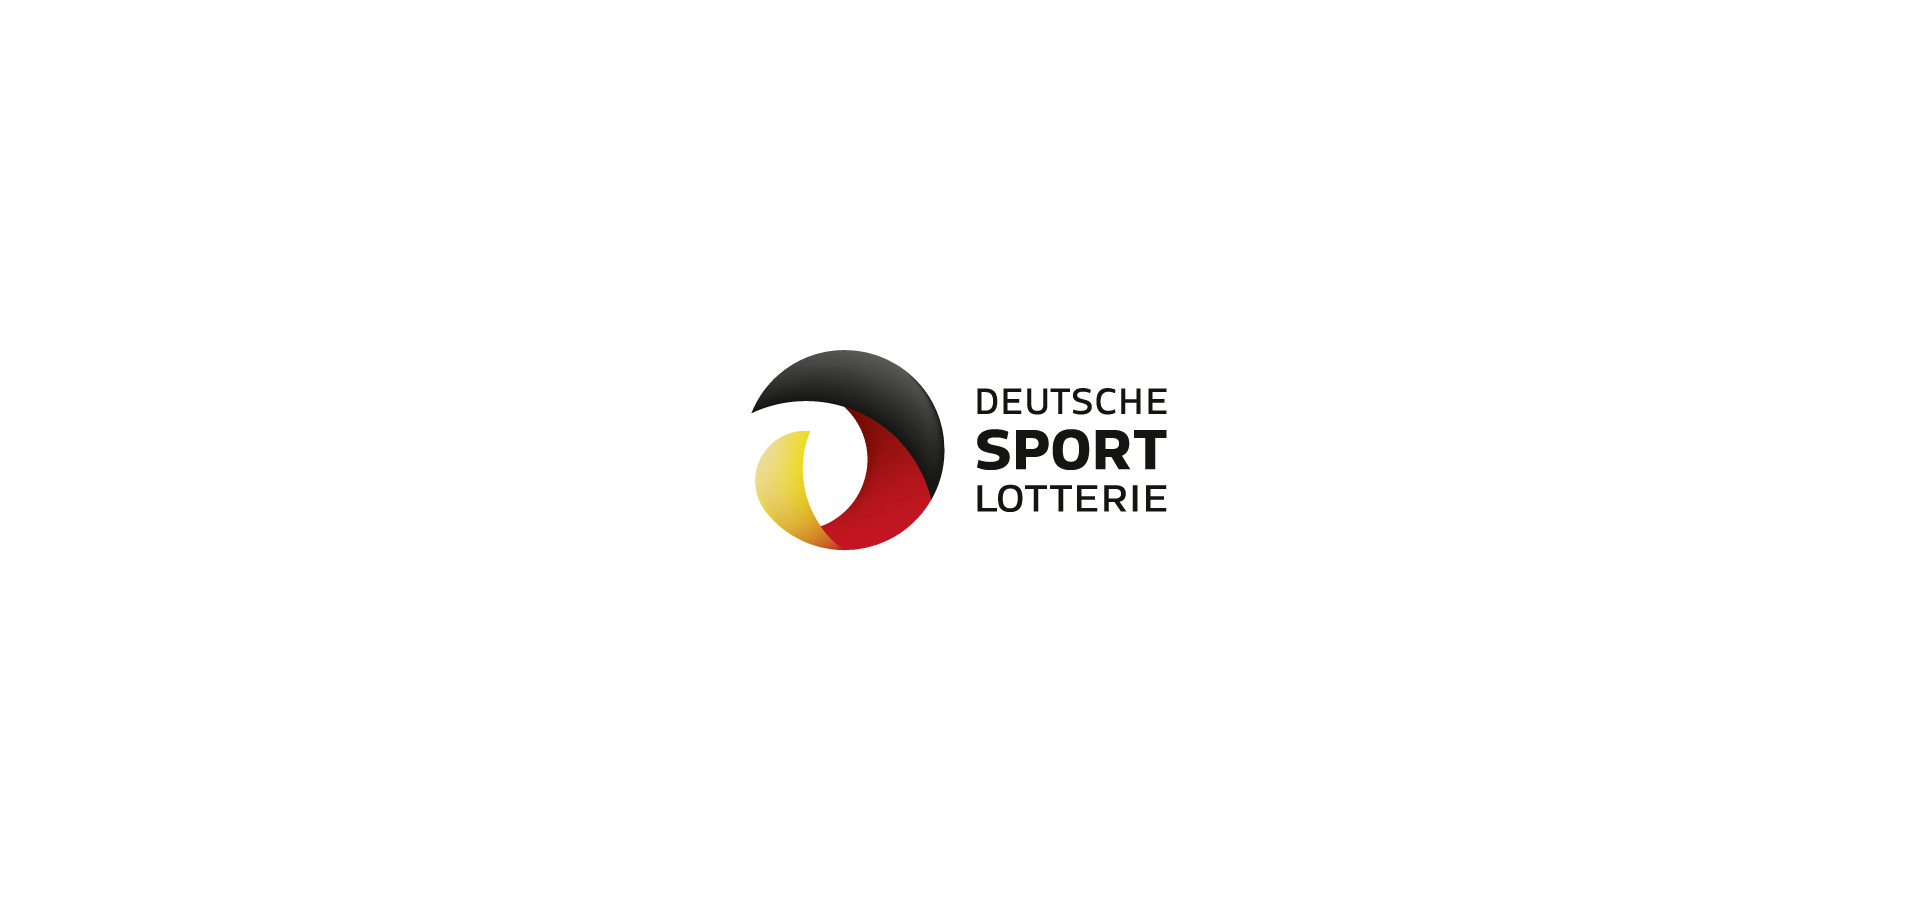 Sportlotterie